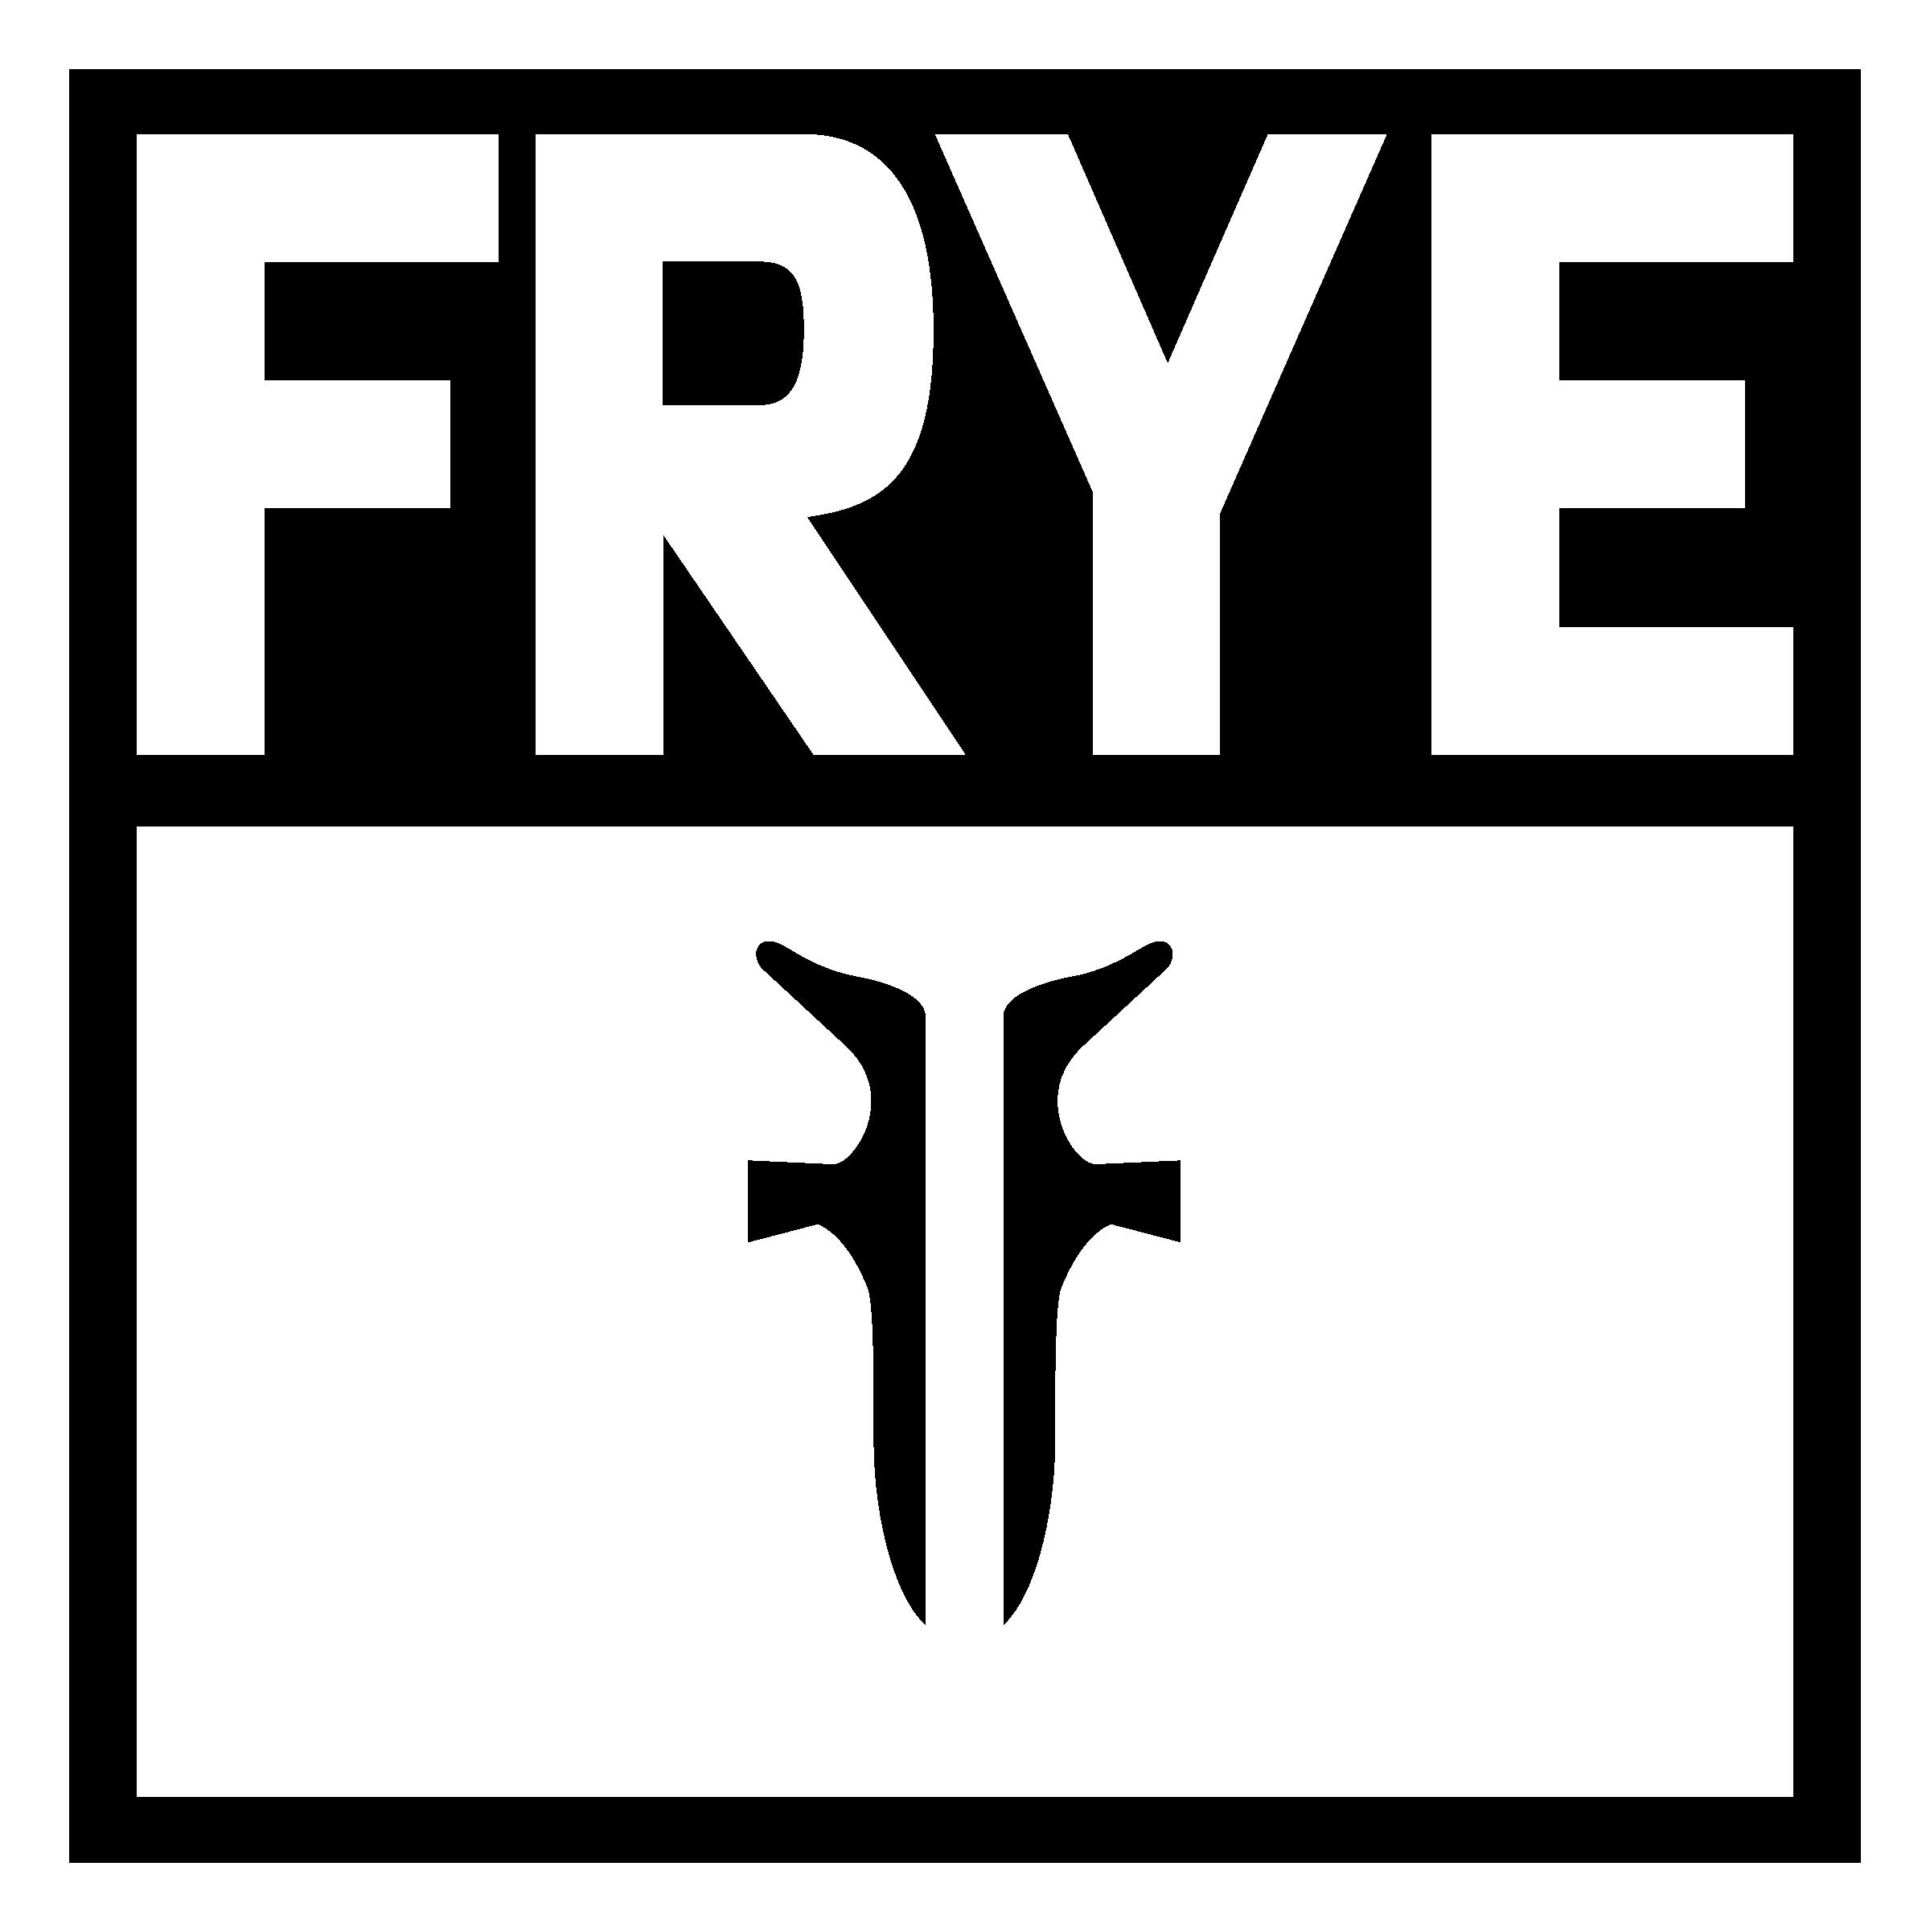 FRYE Logo PNG Transparent & SVG Vector.